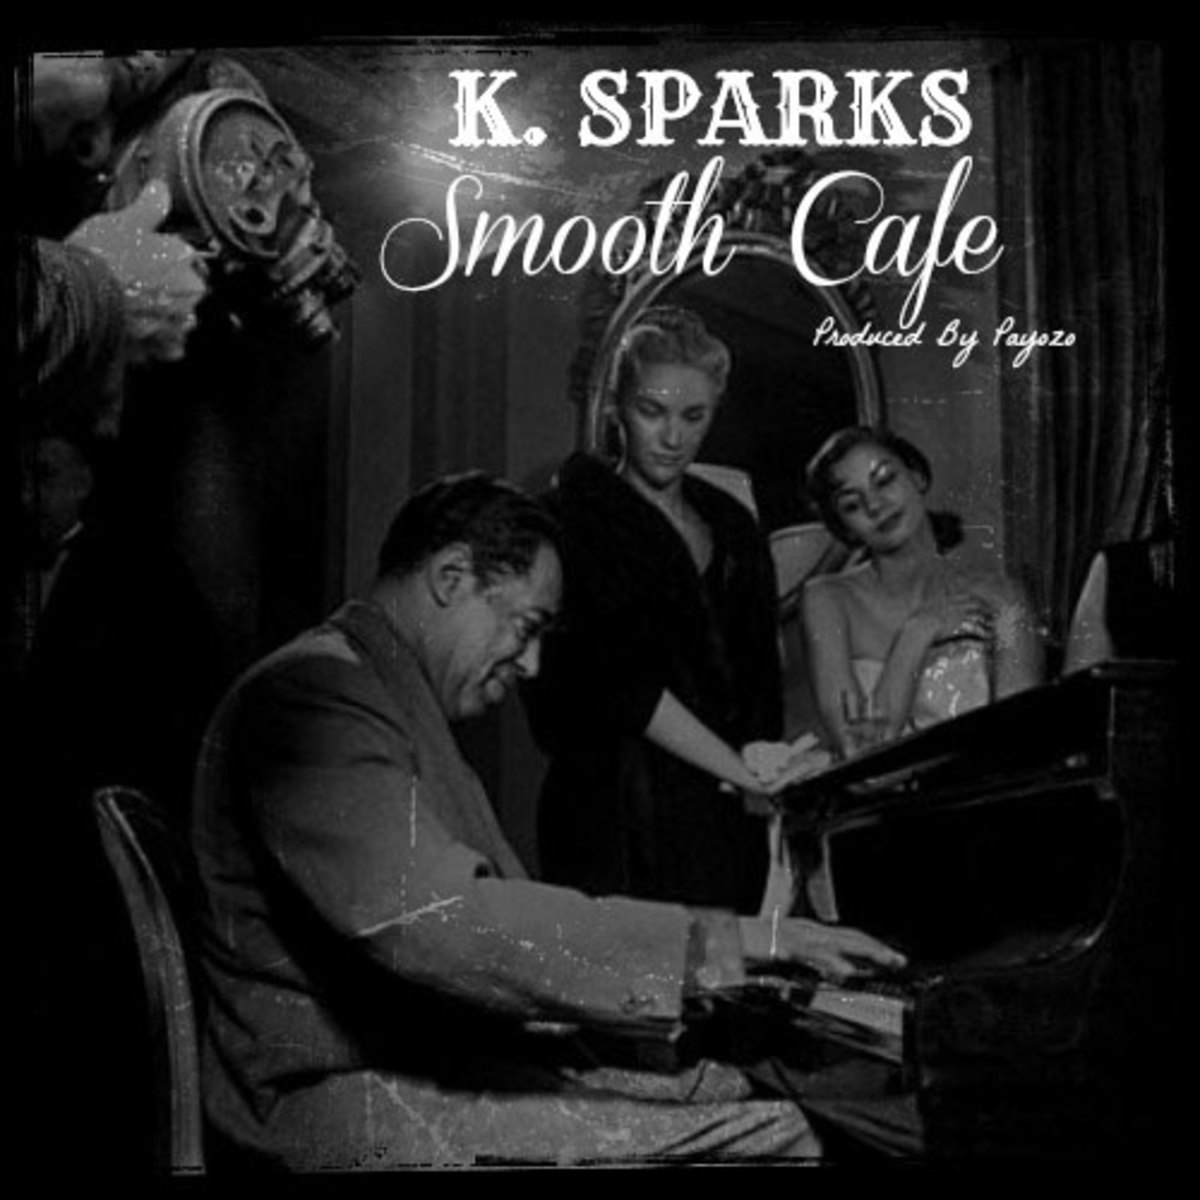 ksparks-smoothcafe.jpg